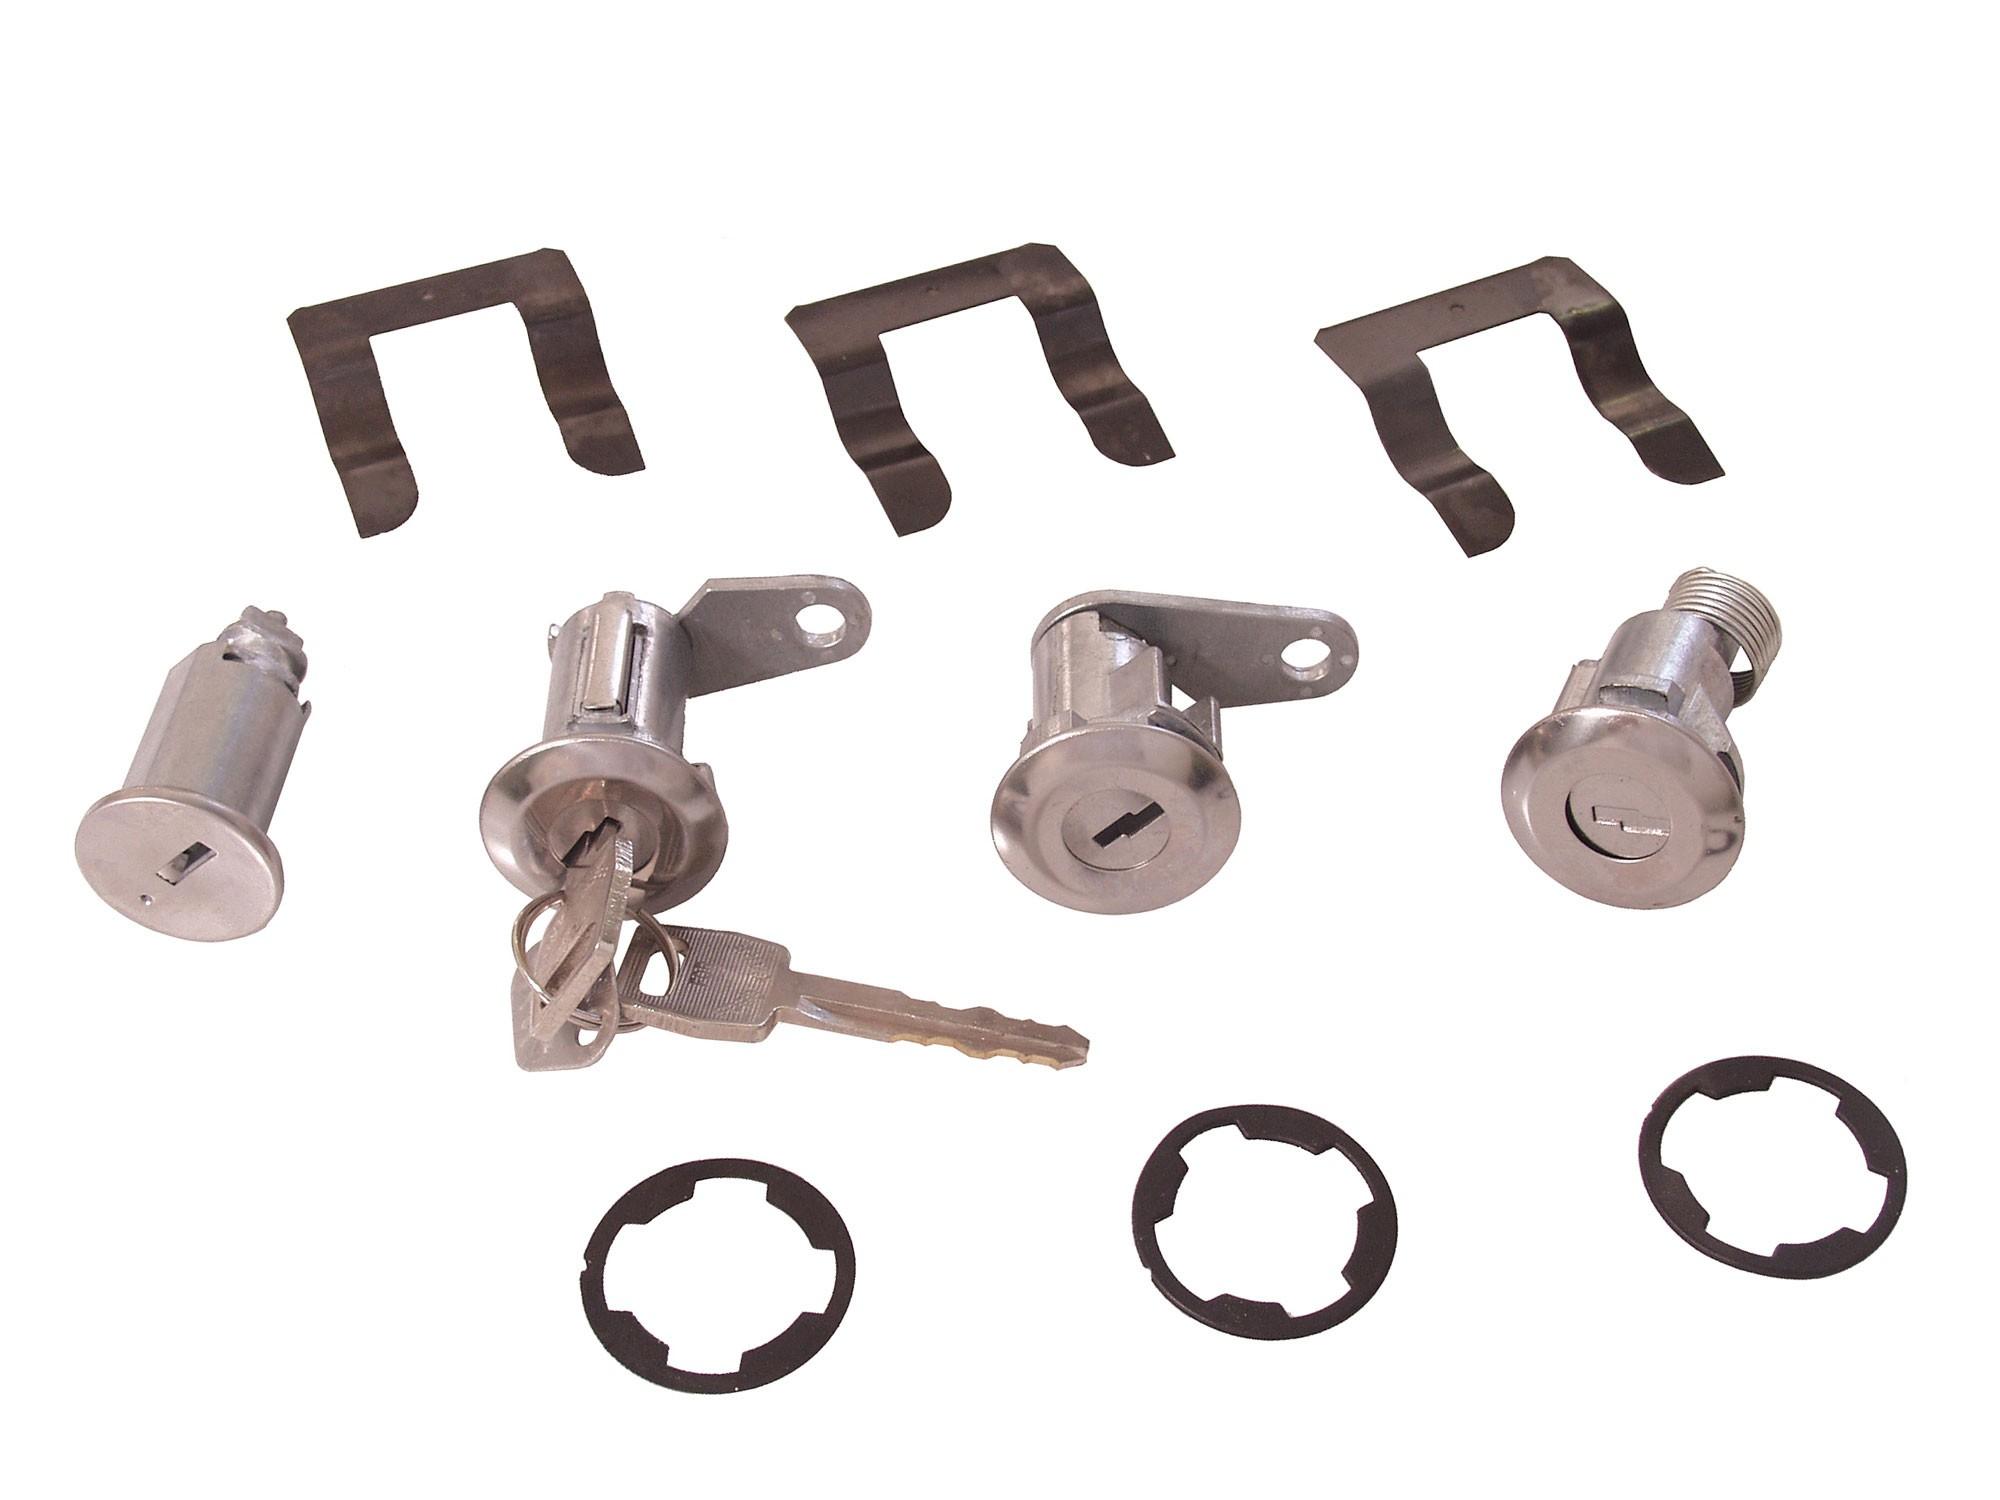 Mustang Door Lock Rods 3 Pieces LH 1969-1970 ACP